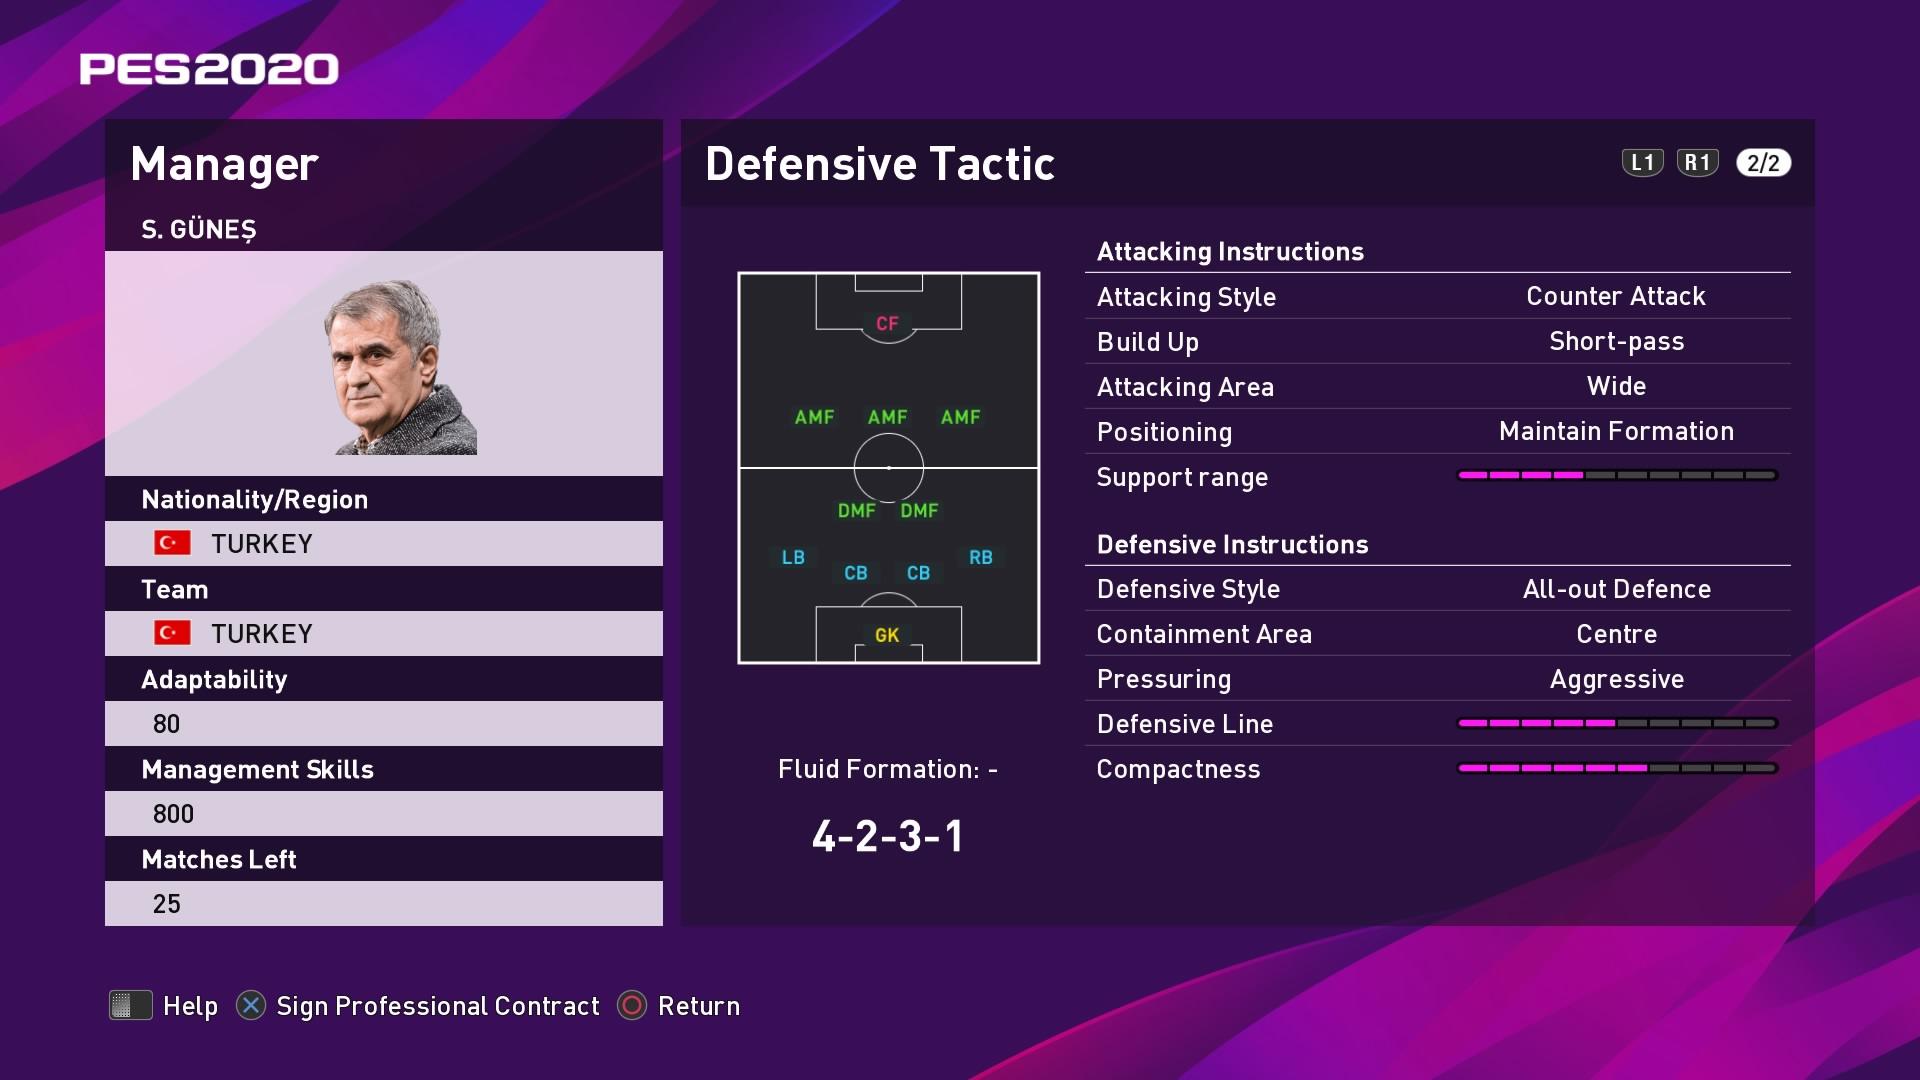 S. Gunes (Şenol Güneş) Defensive Tactic in PES 2020 myClub